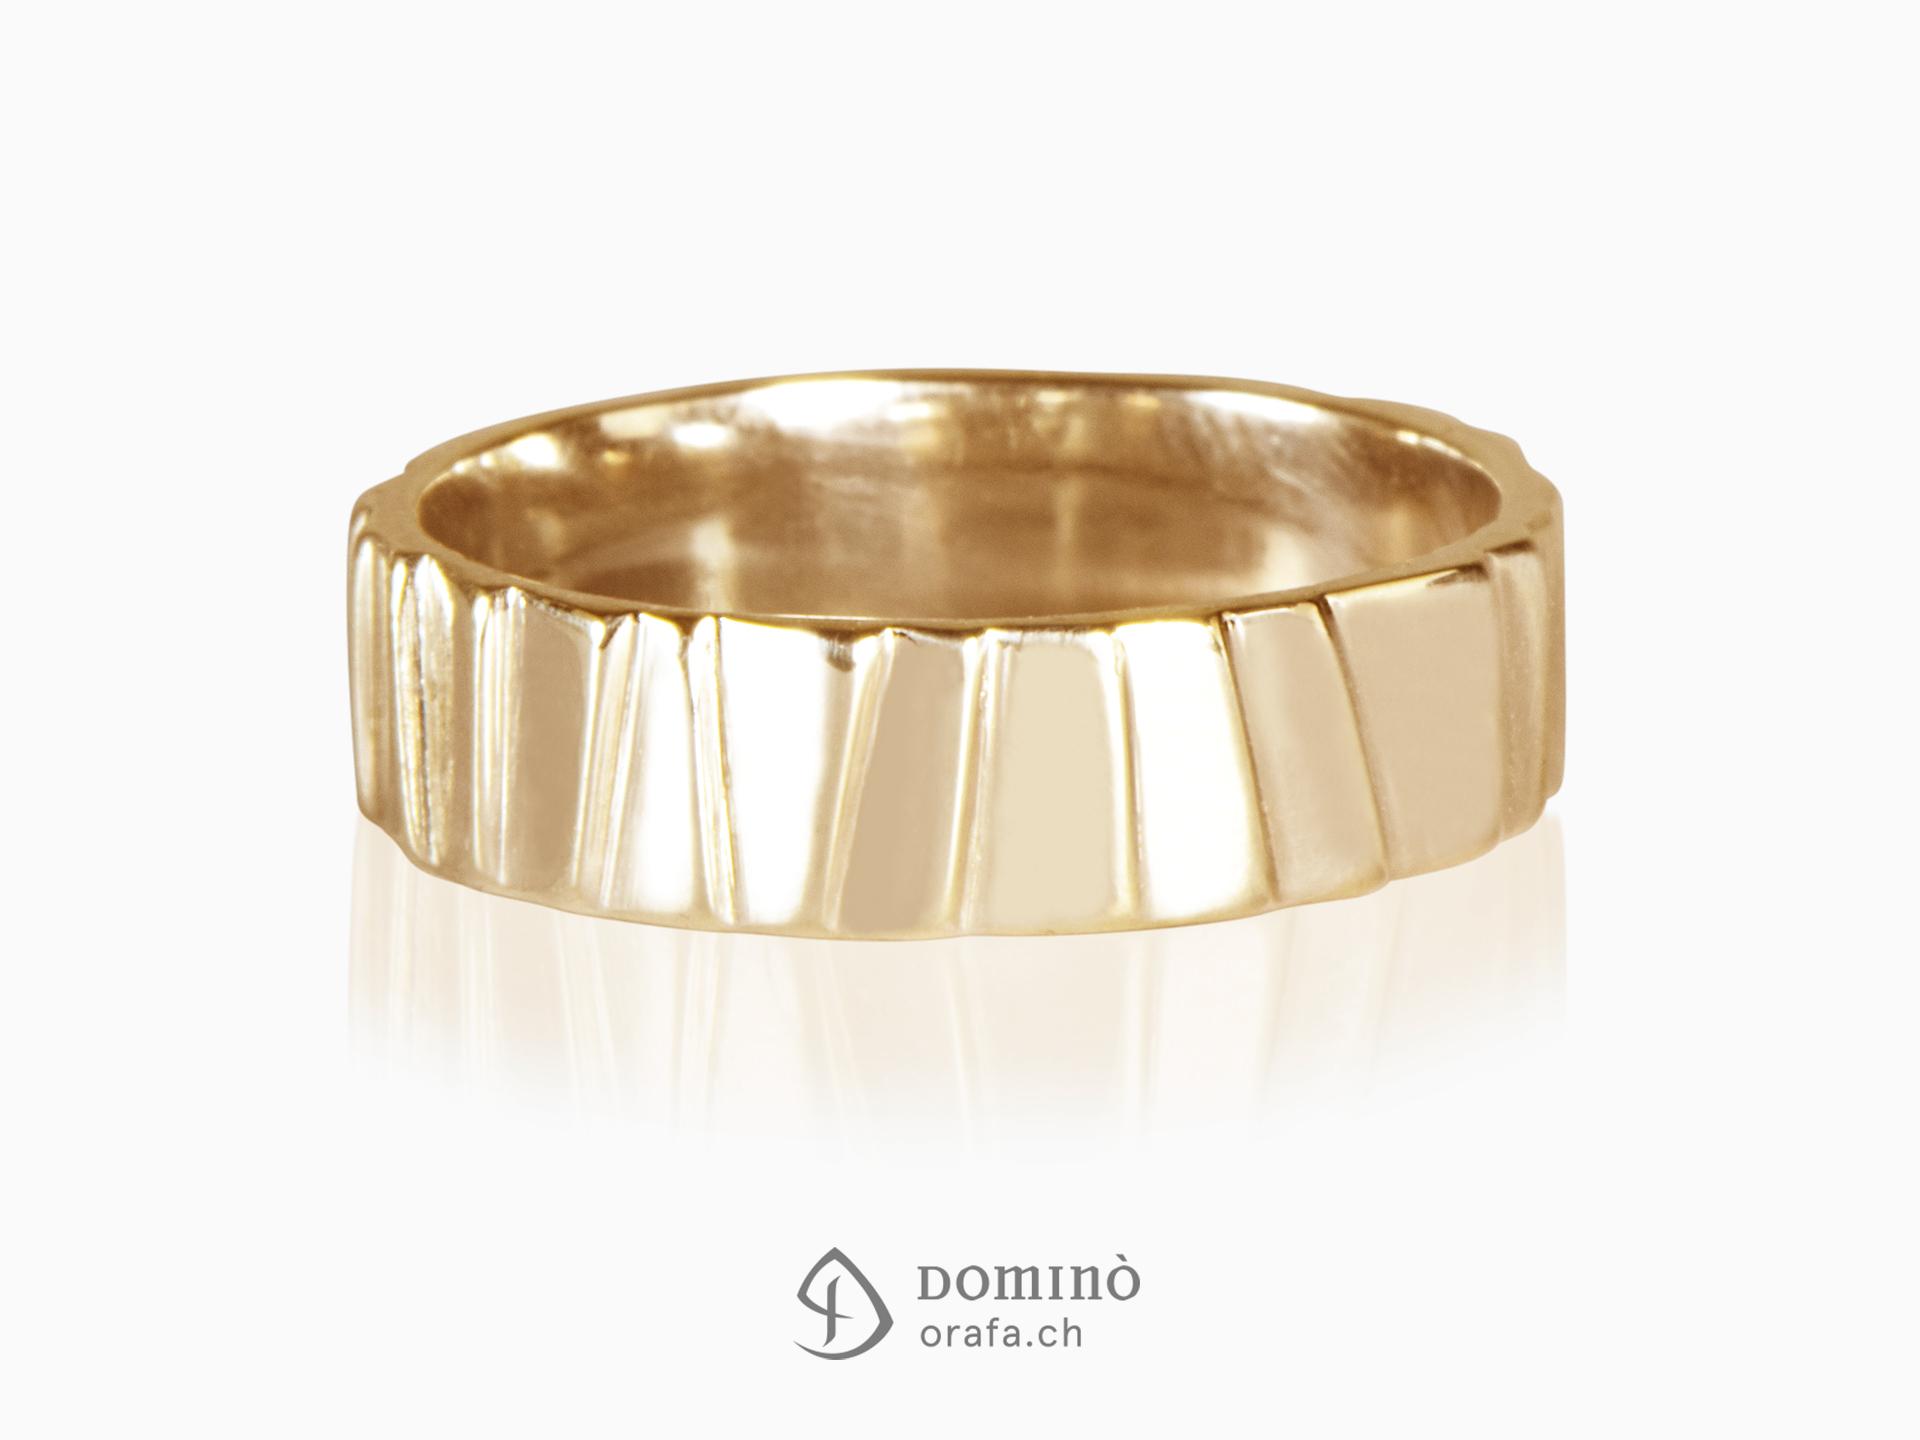 Irregular Scalini ring